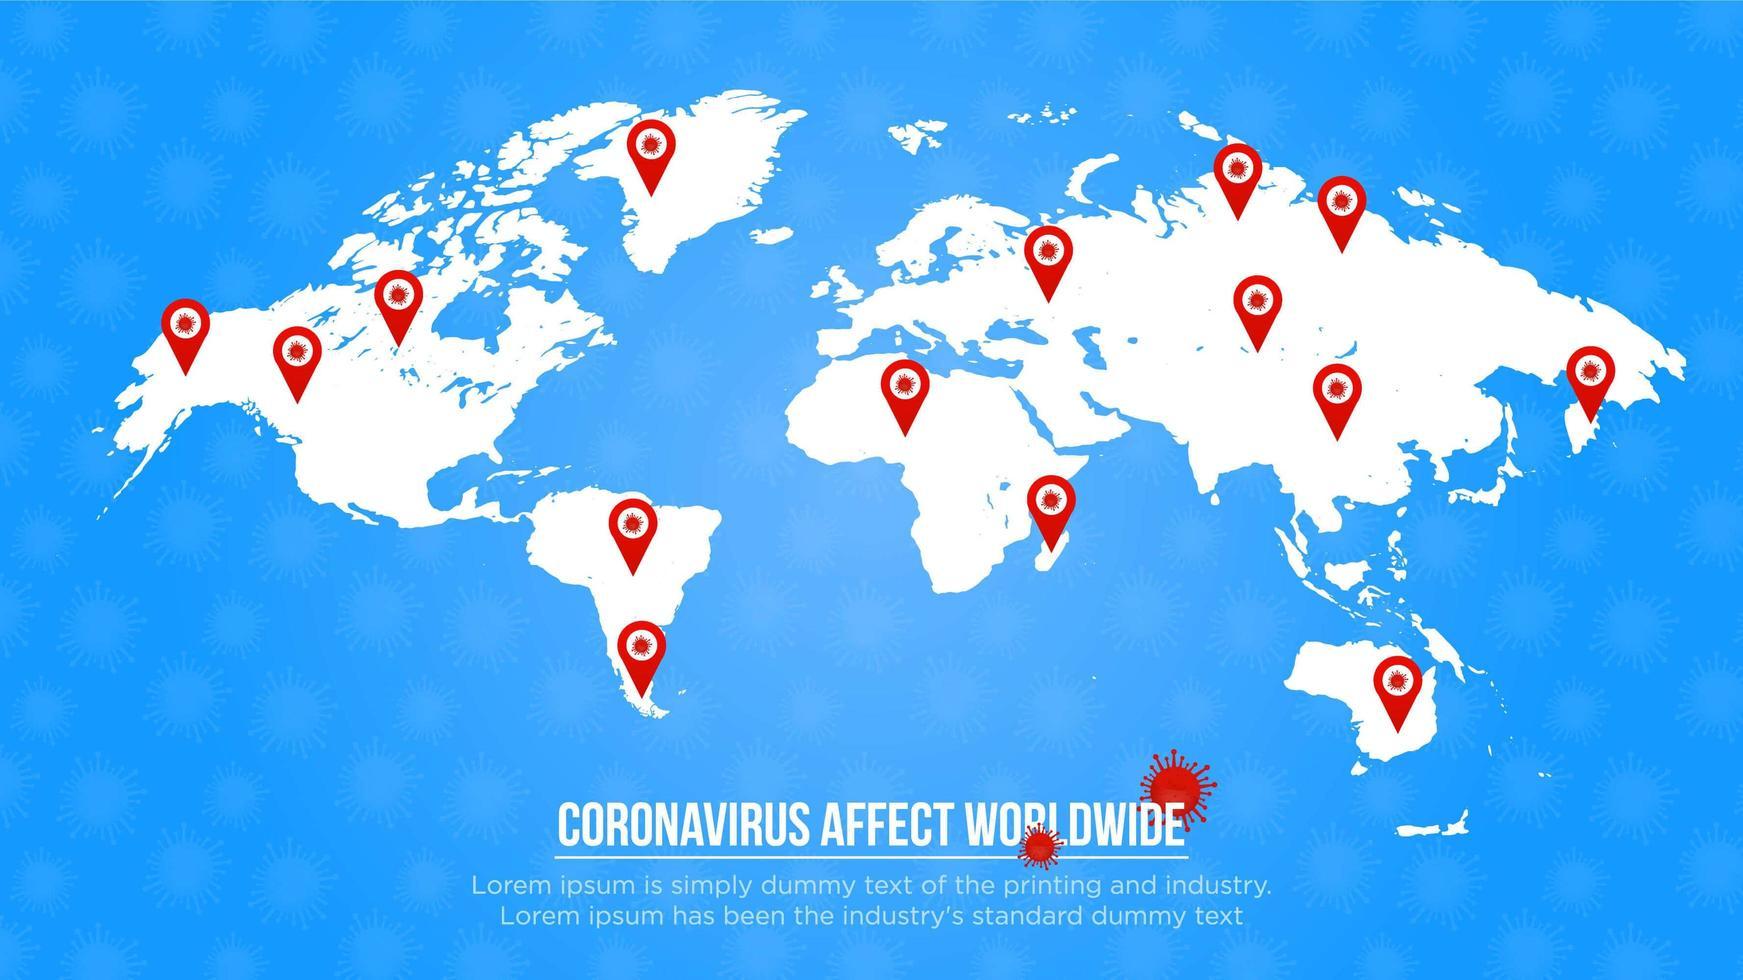 cartel azul con pines de ubicación mundial afectados por coronavirus vector